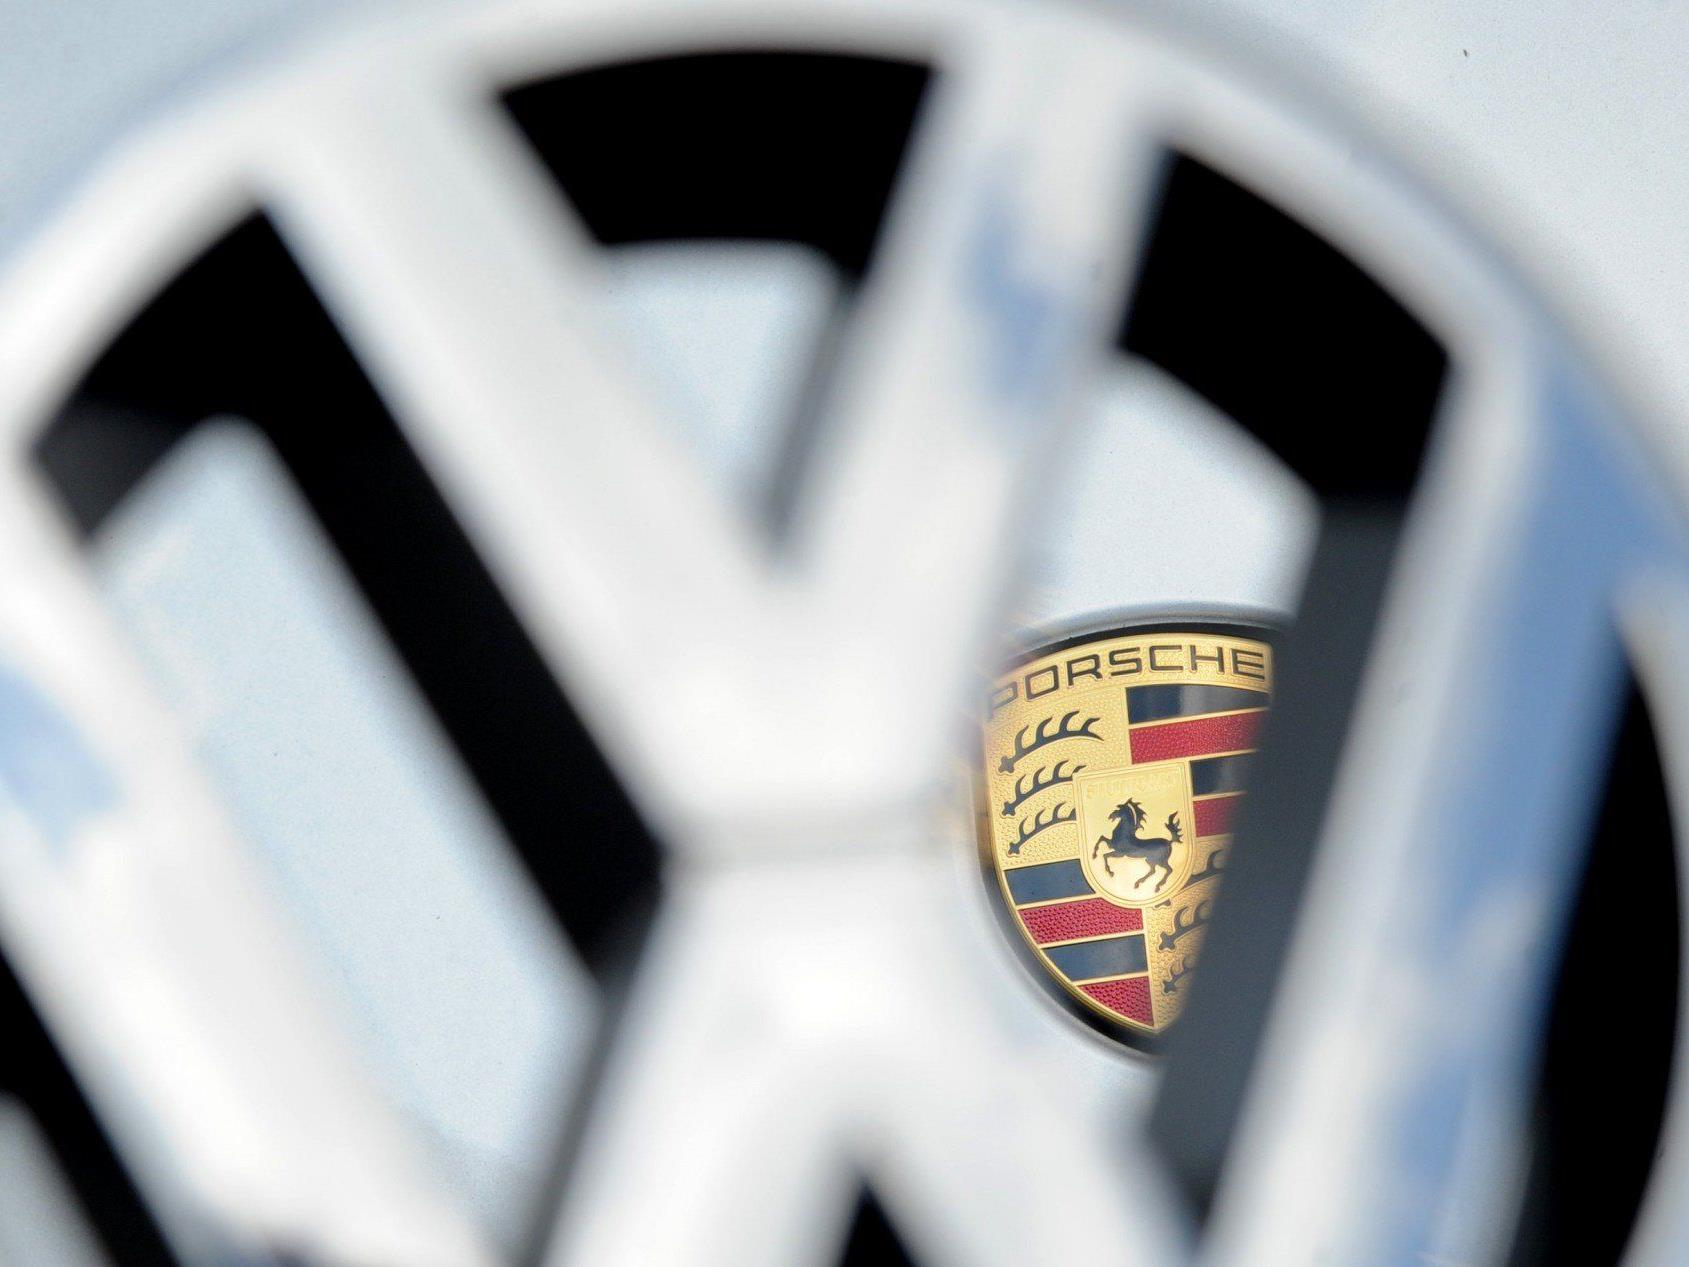 VW ist Europas größter Autobauer und fährt dank Porsche Rekorderlöse ein.